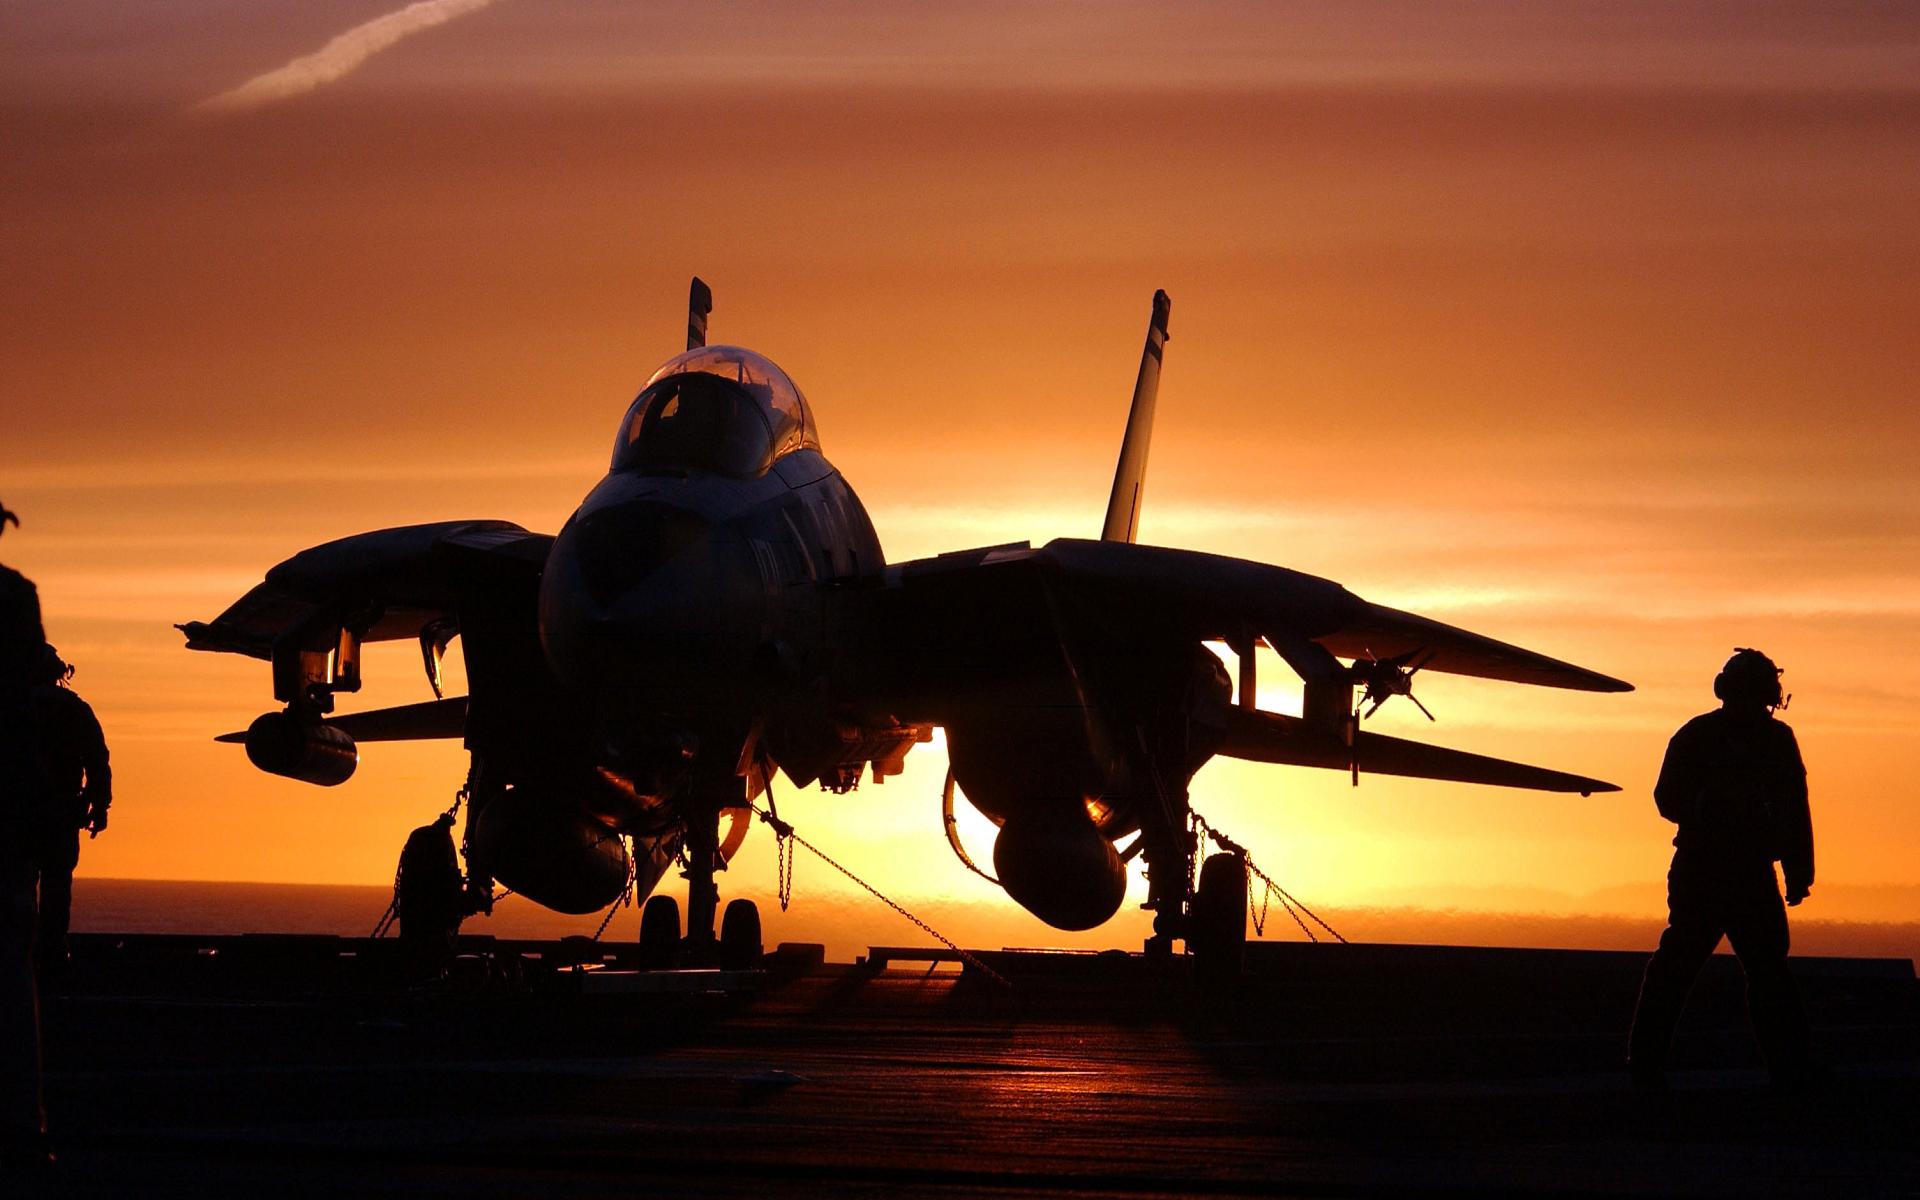 F 14 Tomcat Images & wallpaper